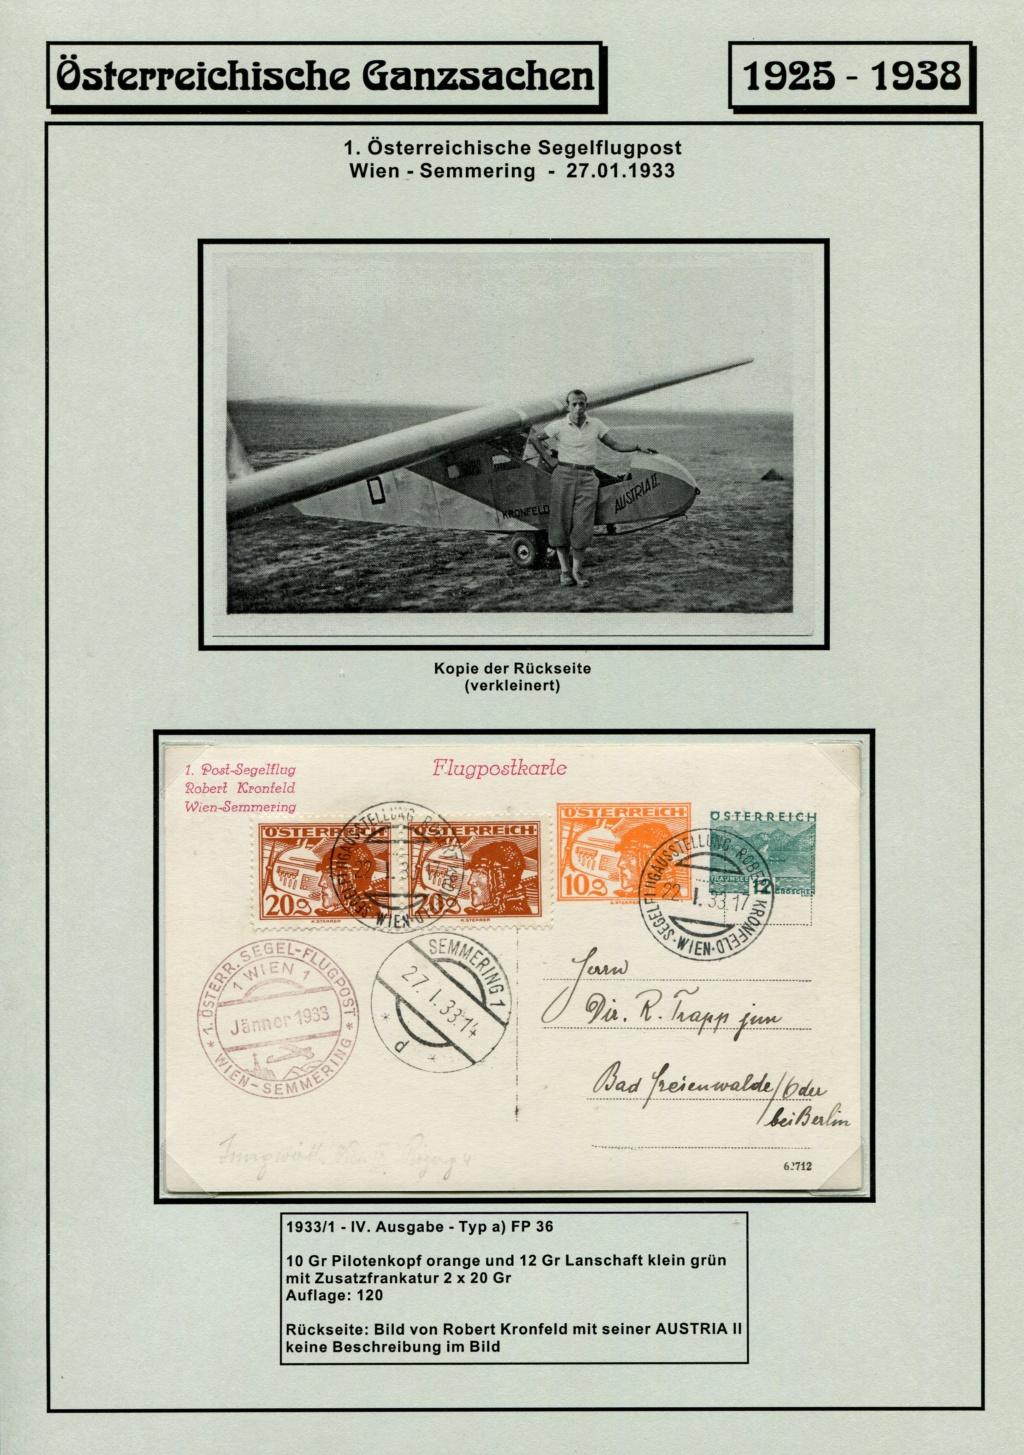 Ganzsachen - Segelflug Robert Kronfeld 1933 Kr_00117